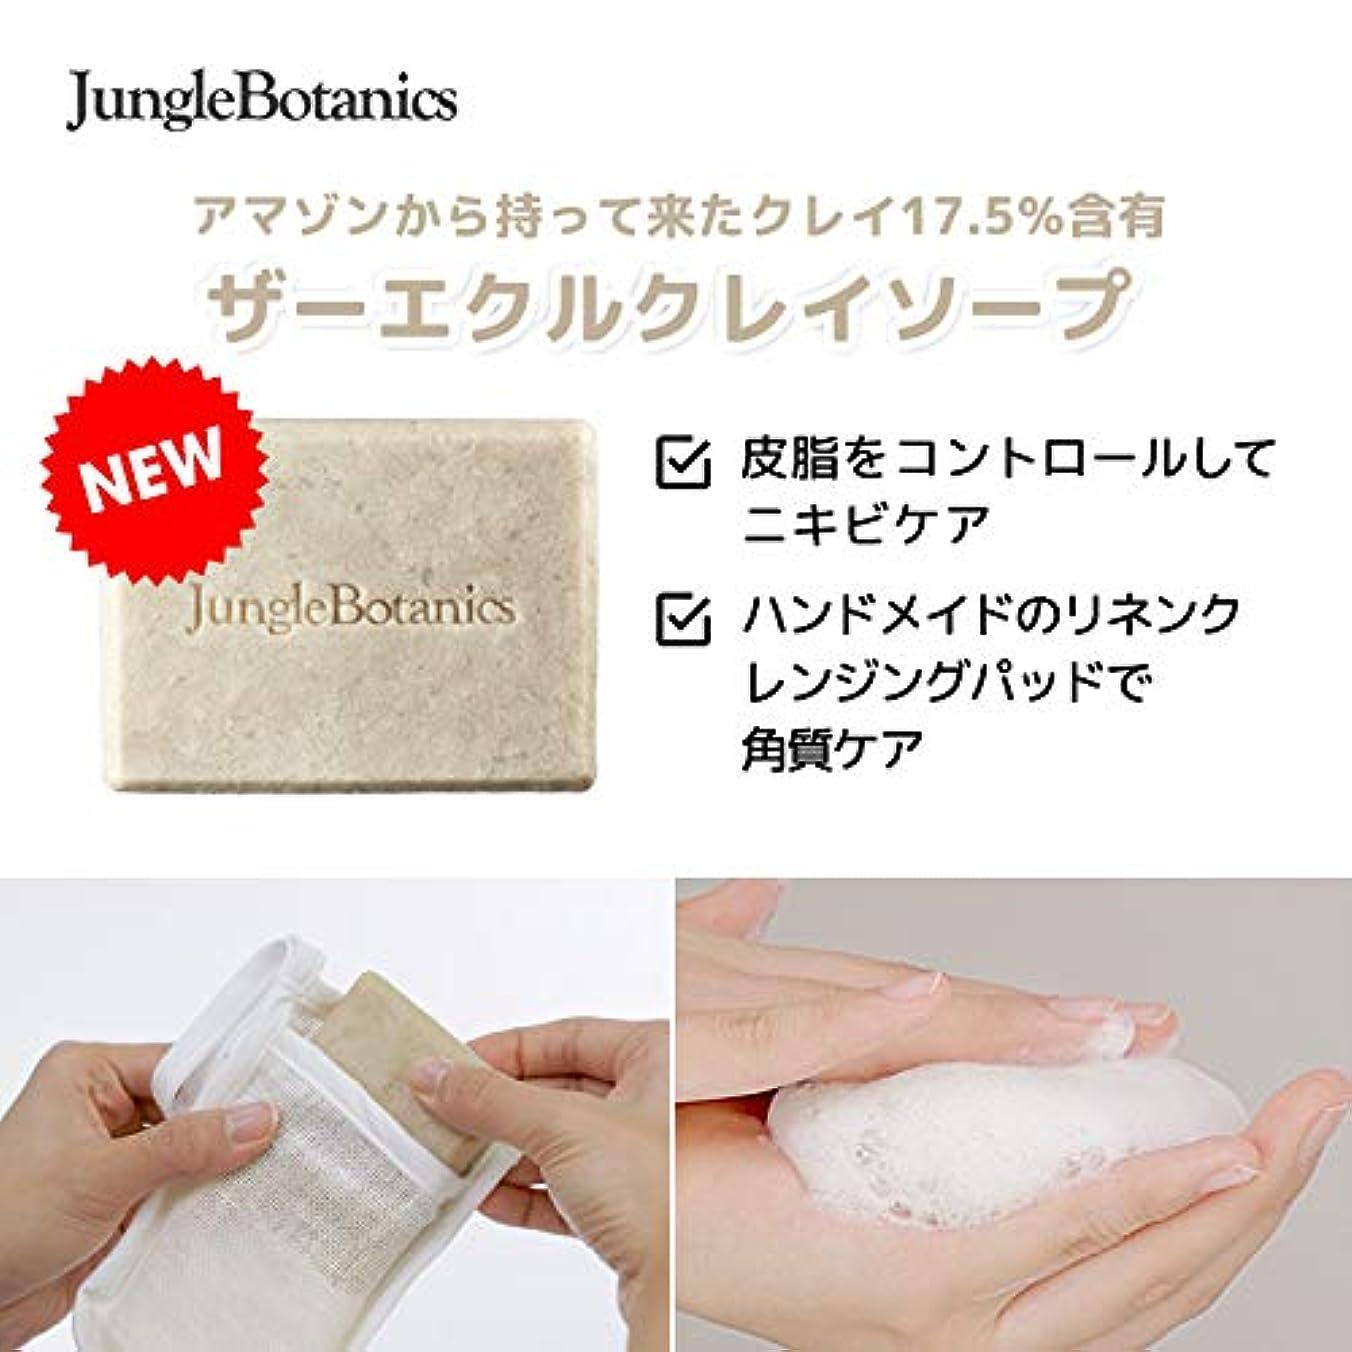 イヤホン寝室荒らす[JUNGLE BOTANICS] ザーエクルクレイソープ110g, [JUNGLE BOTANICS] The Ecru Clay Soap 110g [並行輸入品] …